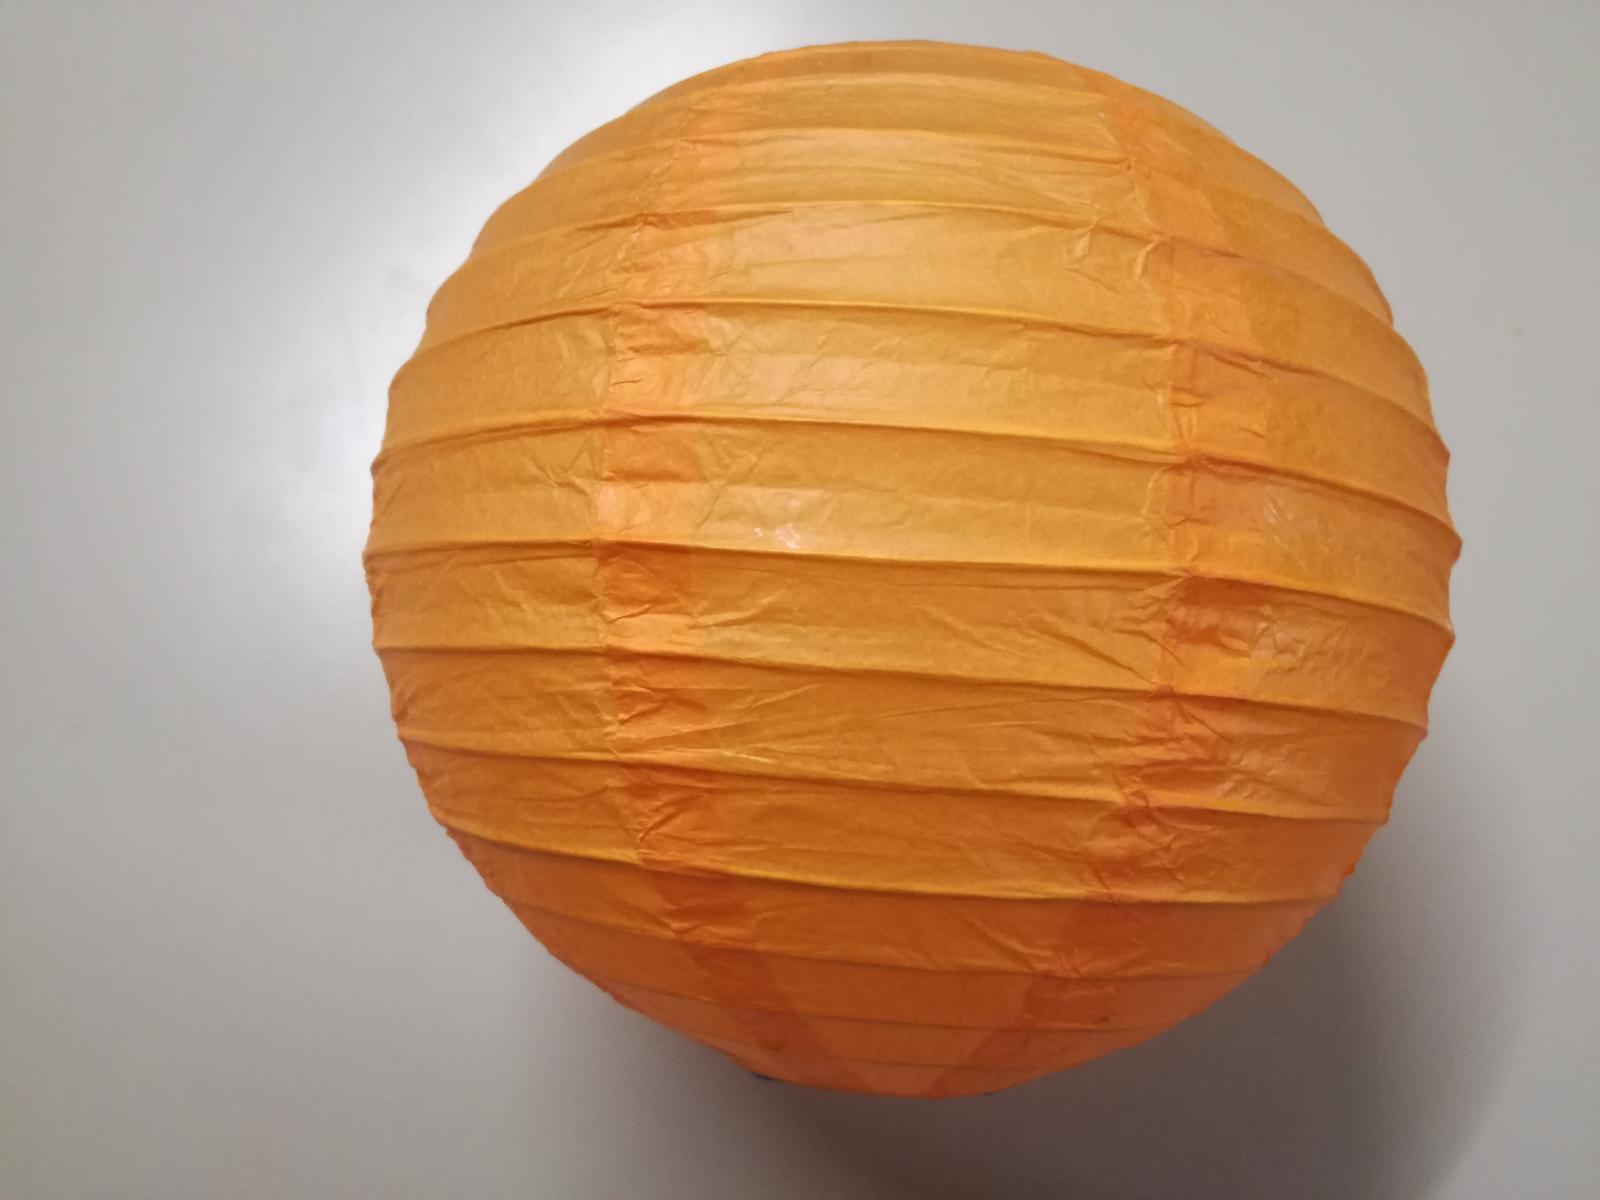 Oranžové lampiony 15 ks - průměr 20 cm, světýlka   - Obrázek č. 1